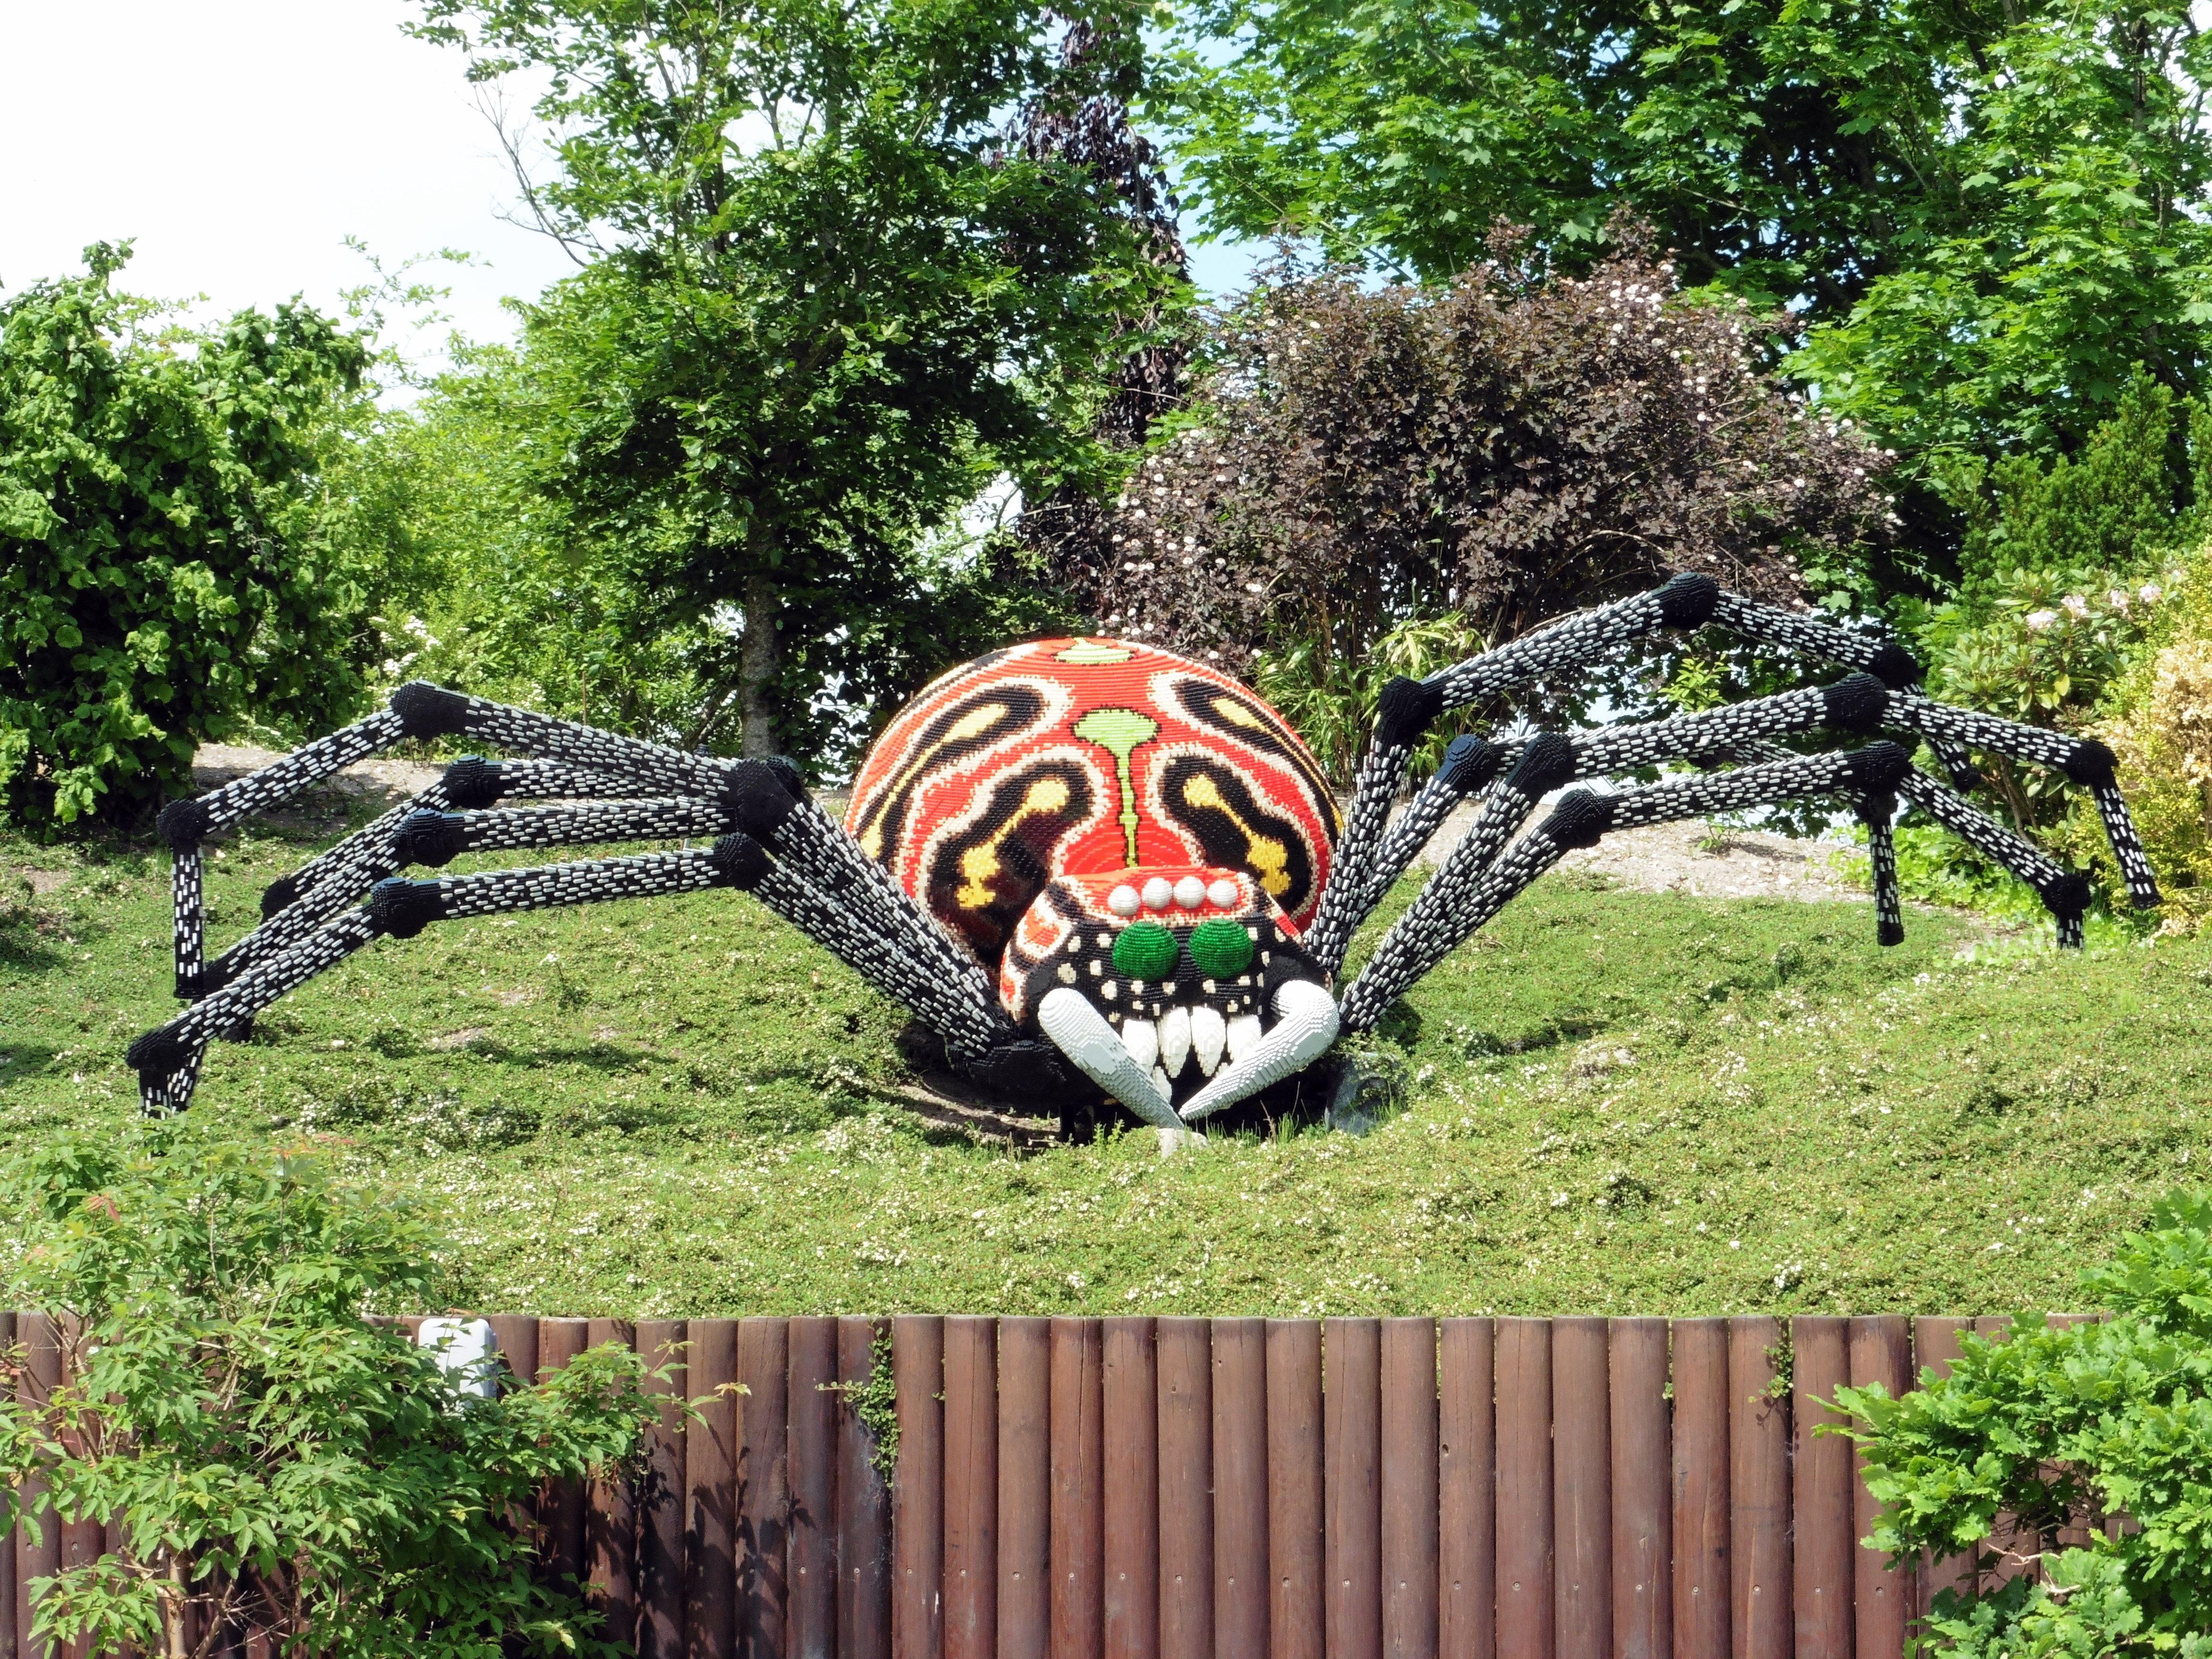 Park Als Tuin : Gratis afbeeldingen : bloem dier oerwoud park tuin pretpark